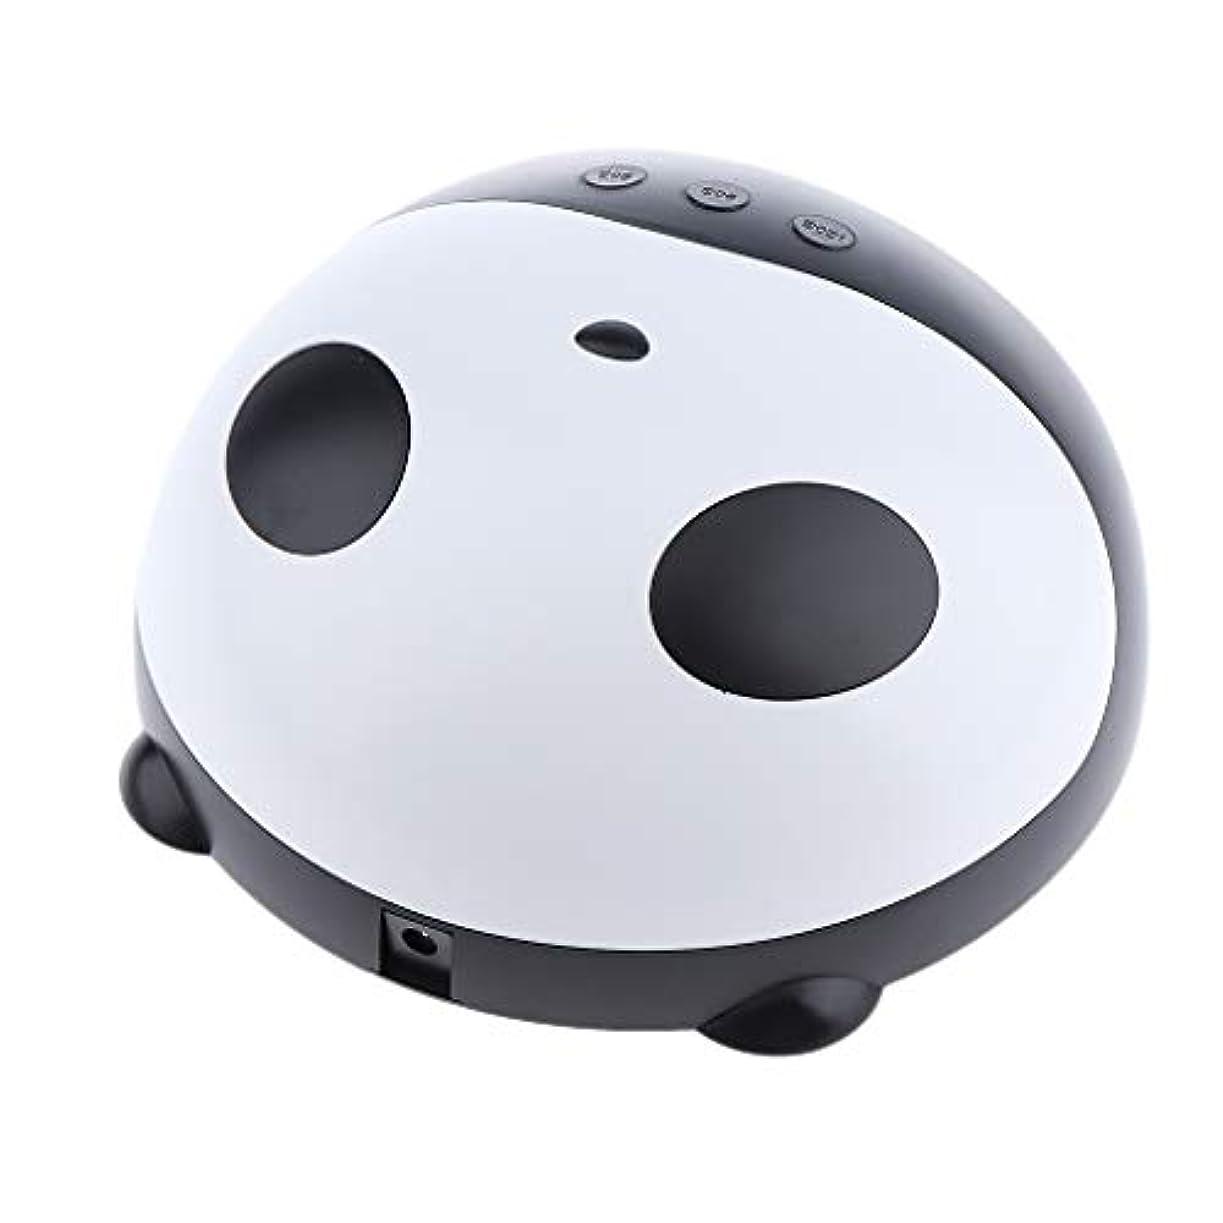 ギャンブル酔っ払い生産性LEDネイルランプ UV硬化 ネイル乾燥 かわいいパンダ ネイルサロン